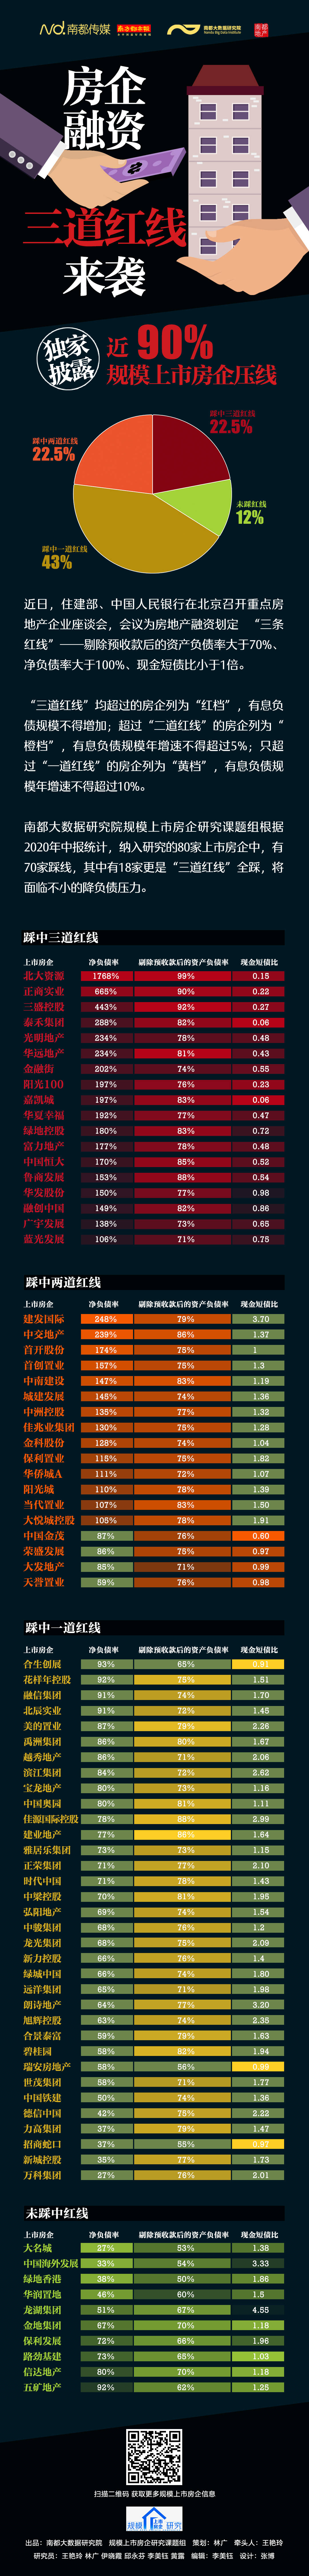 """央行再谈房企融资""""三道红线"""":将稳步扩大适用范围"""